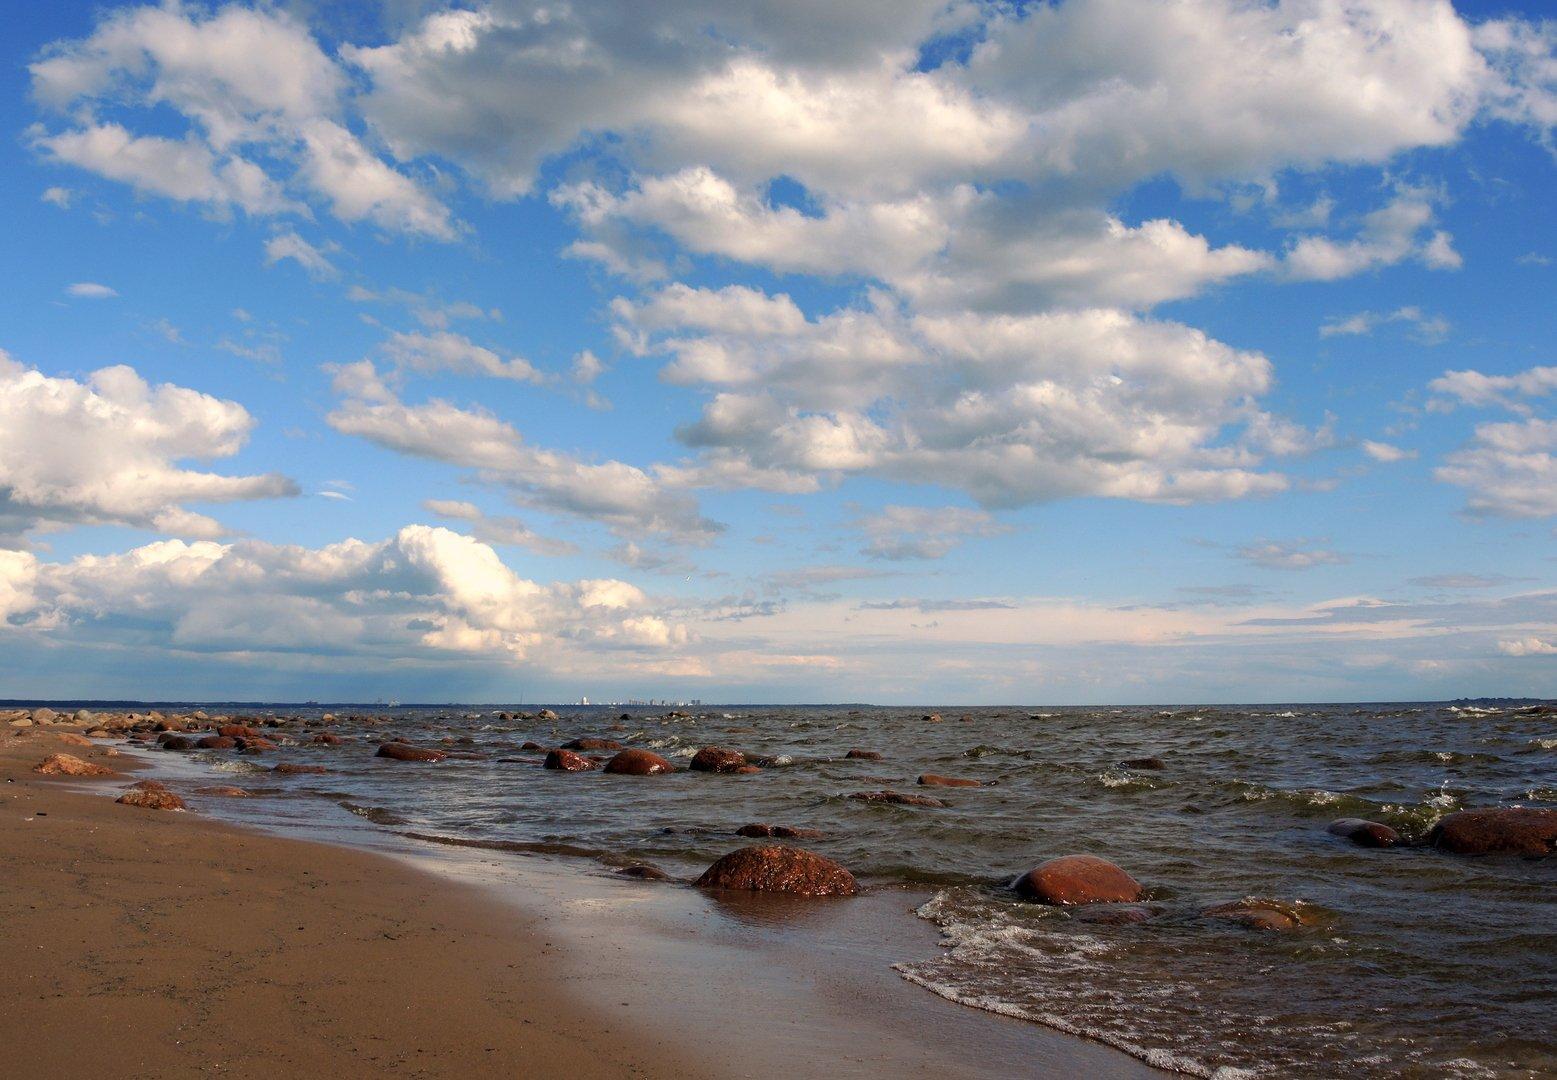 финский залив фото сегодня четырех или восьми